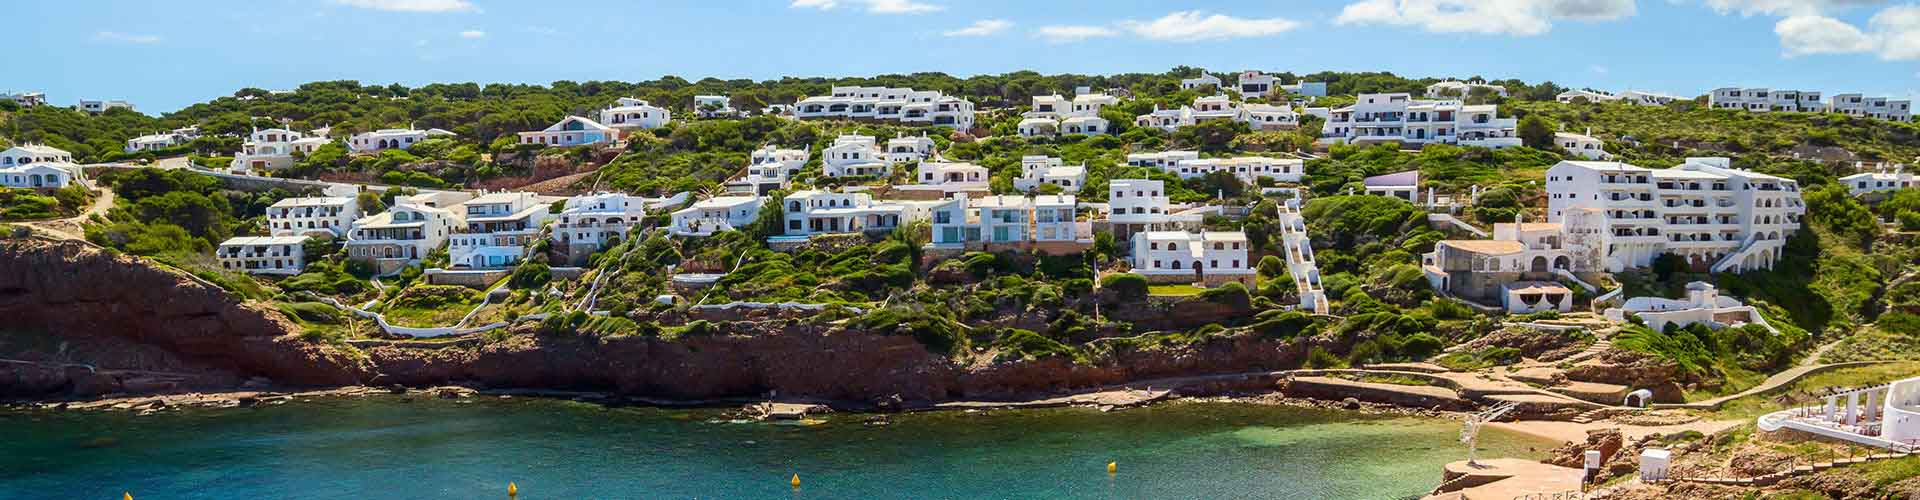 Menorca - Habitaciones en Menorca. Mapas de Menorca, Fotos y comentarios de cada Habitación en Menorca.